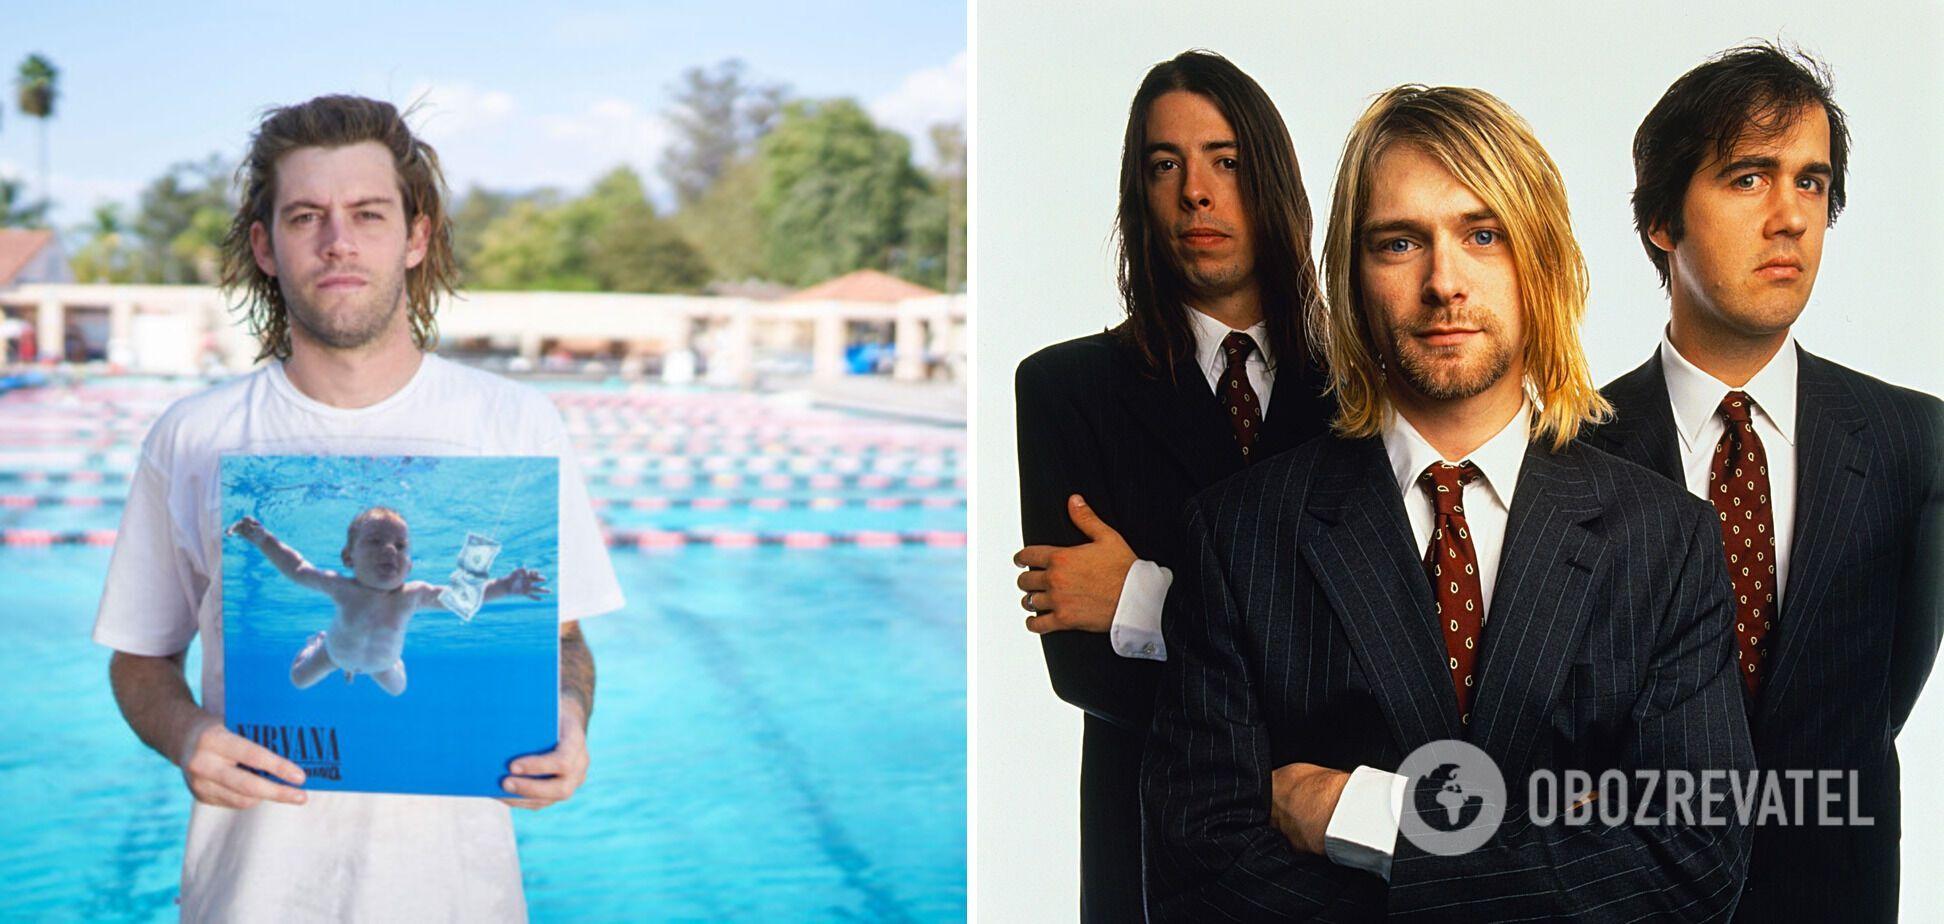 """Мужчина подал в суд на группу """"Nirvana"""" за распространение порно."""